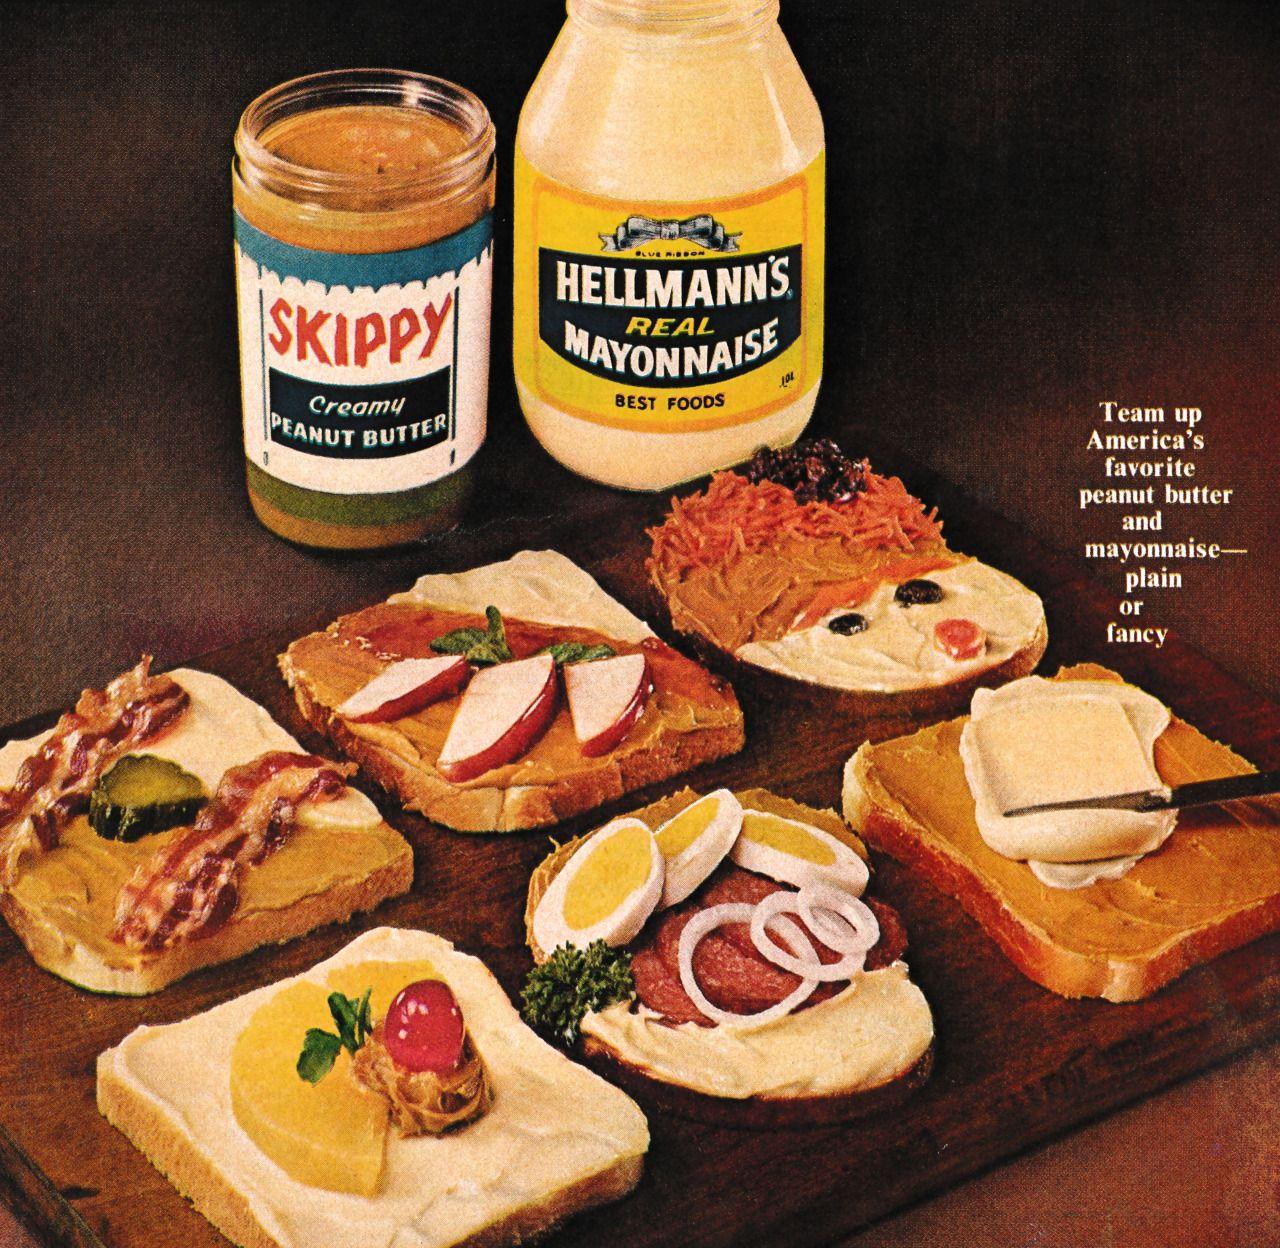 Peanut butter come sandwich gay retro